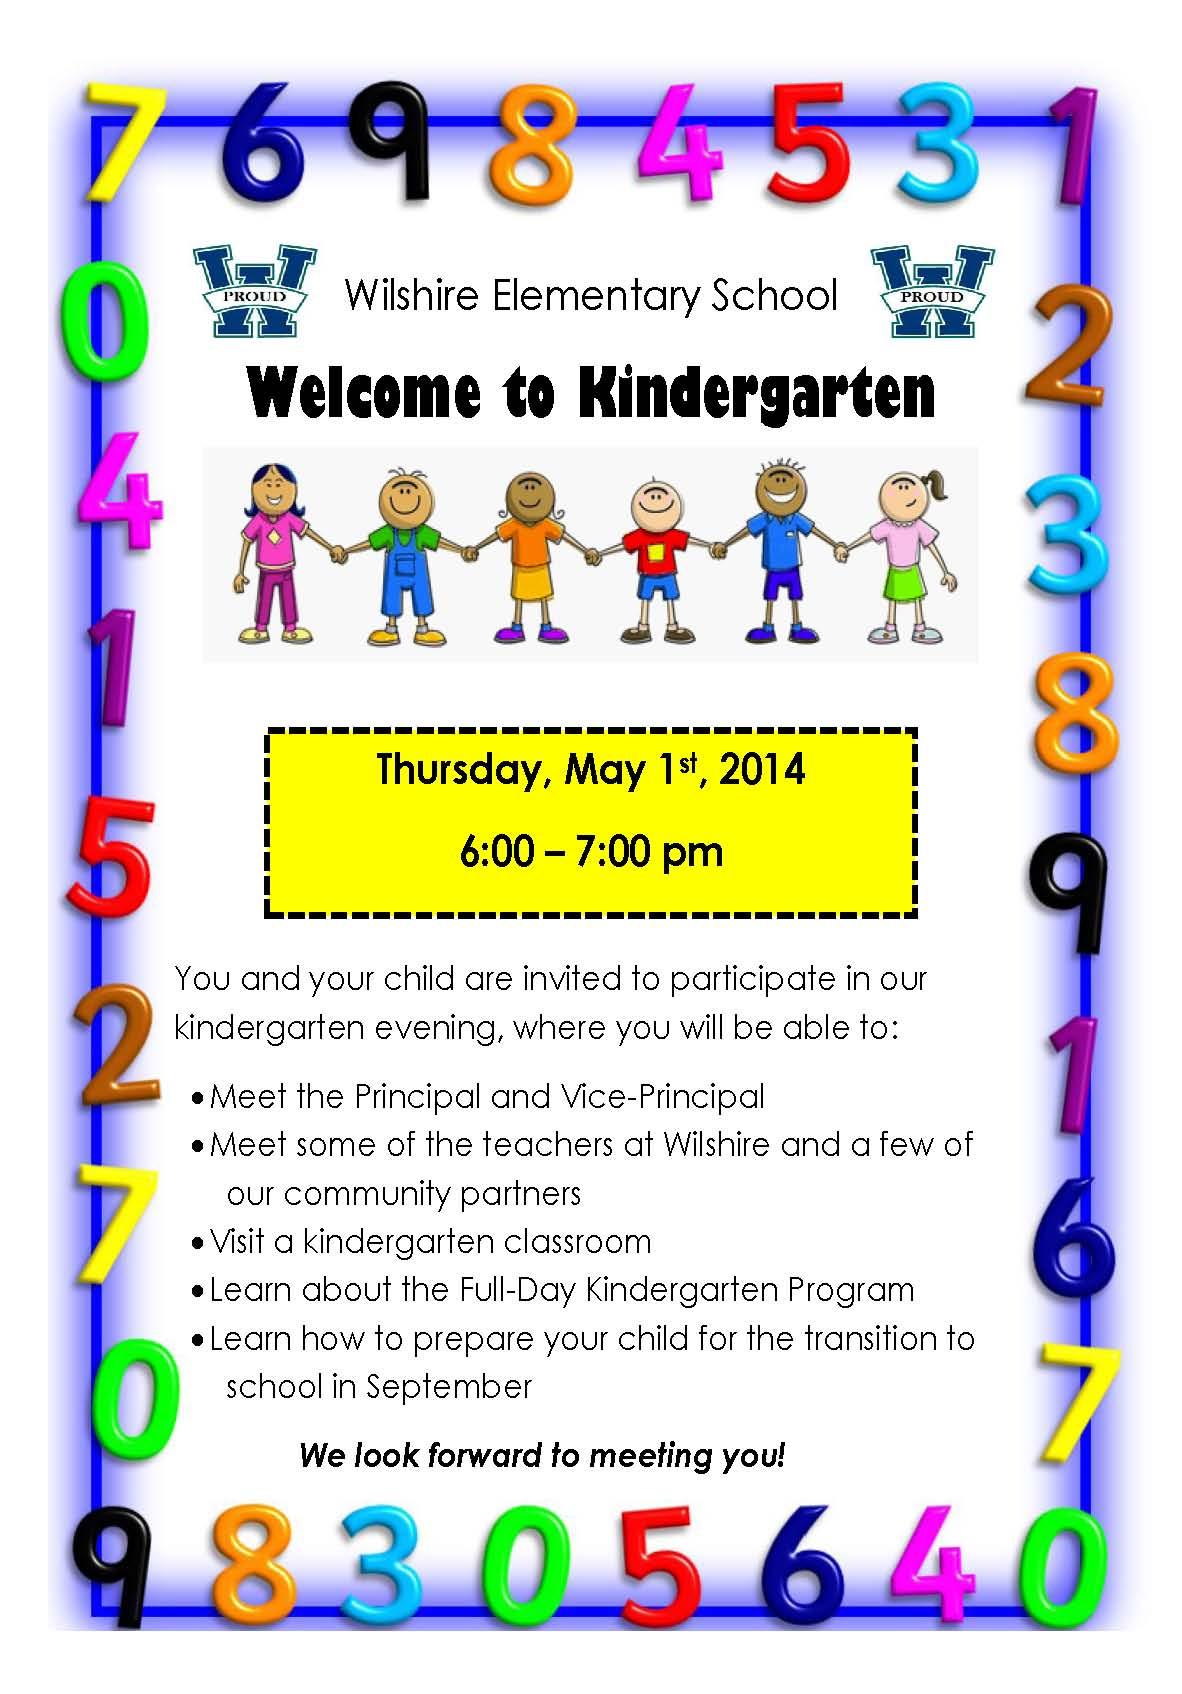 Welcome to Kindergarten Night | Wilshire Elementary School